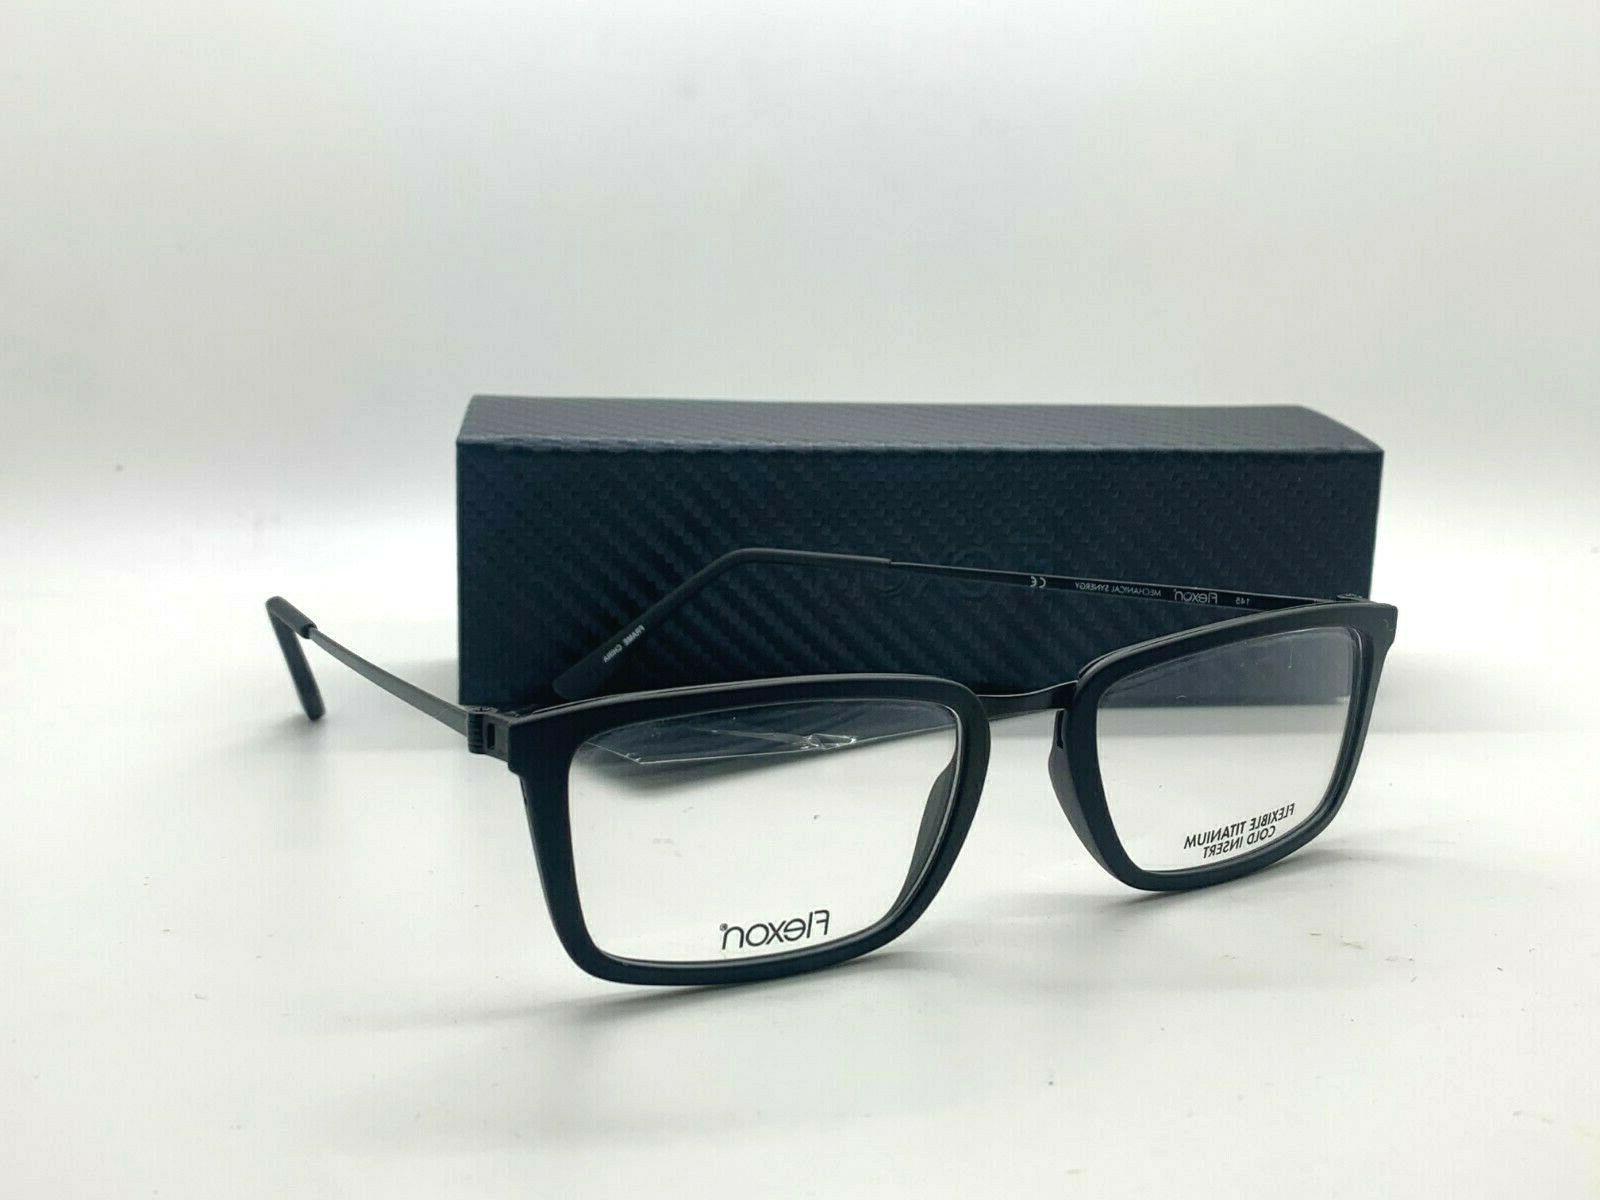 new e1083 001 black flexible titanium cold